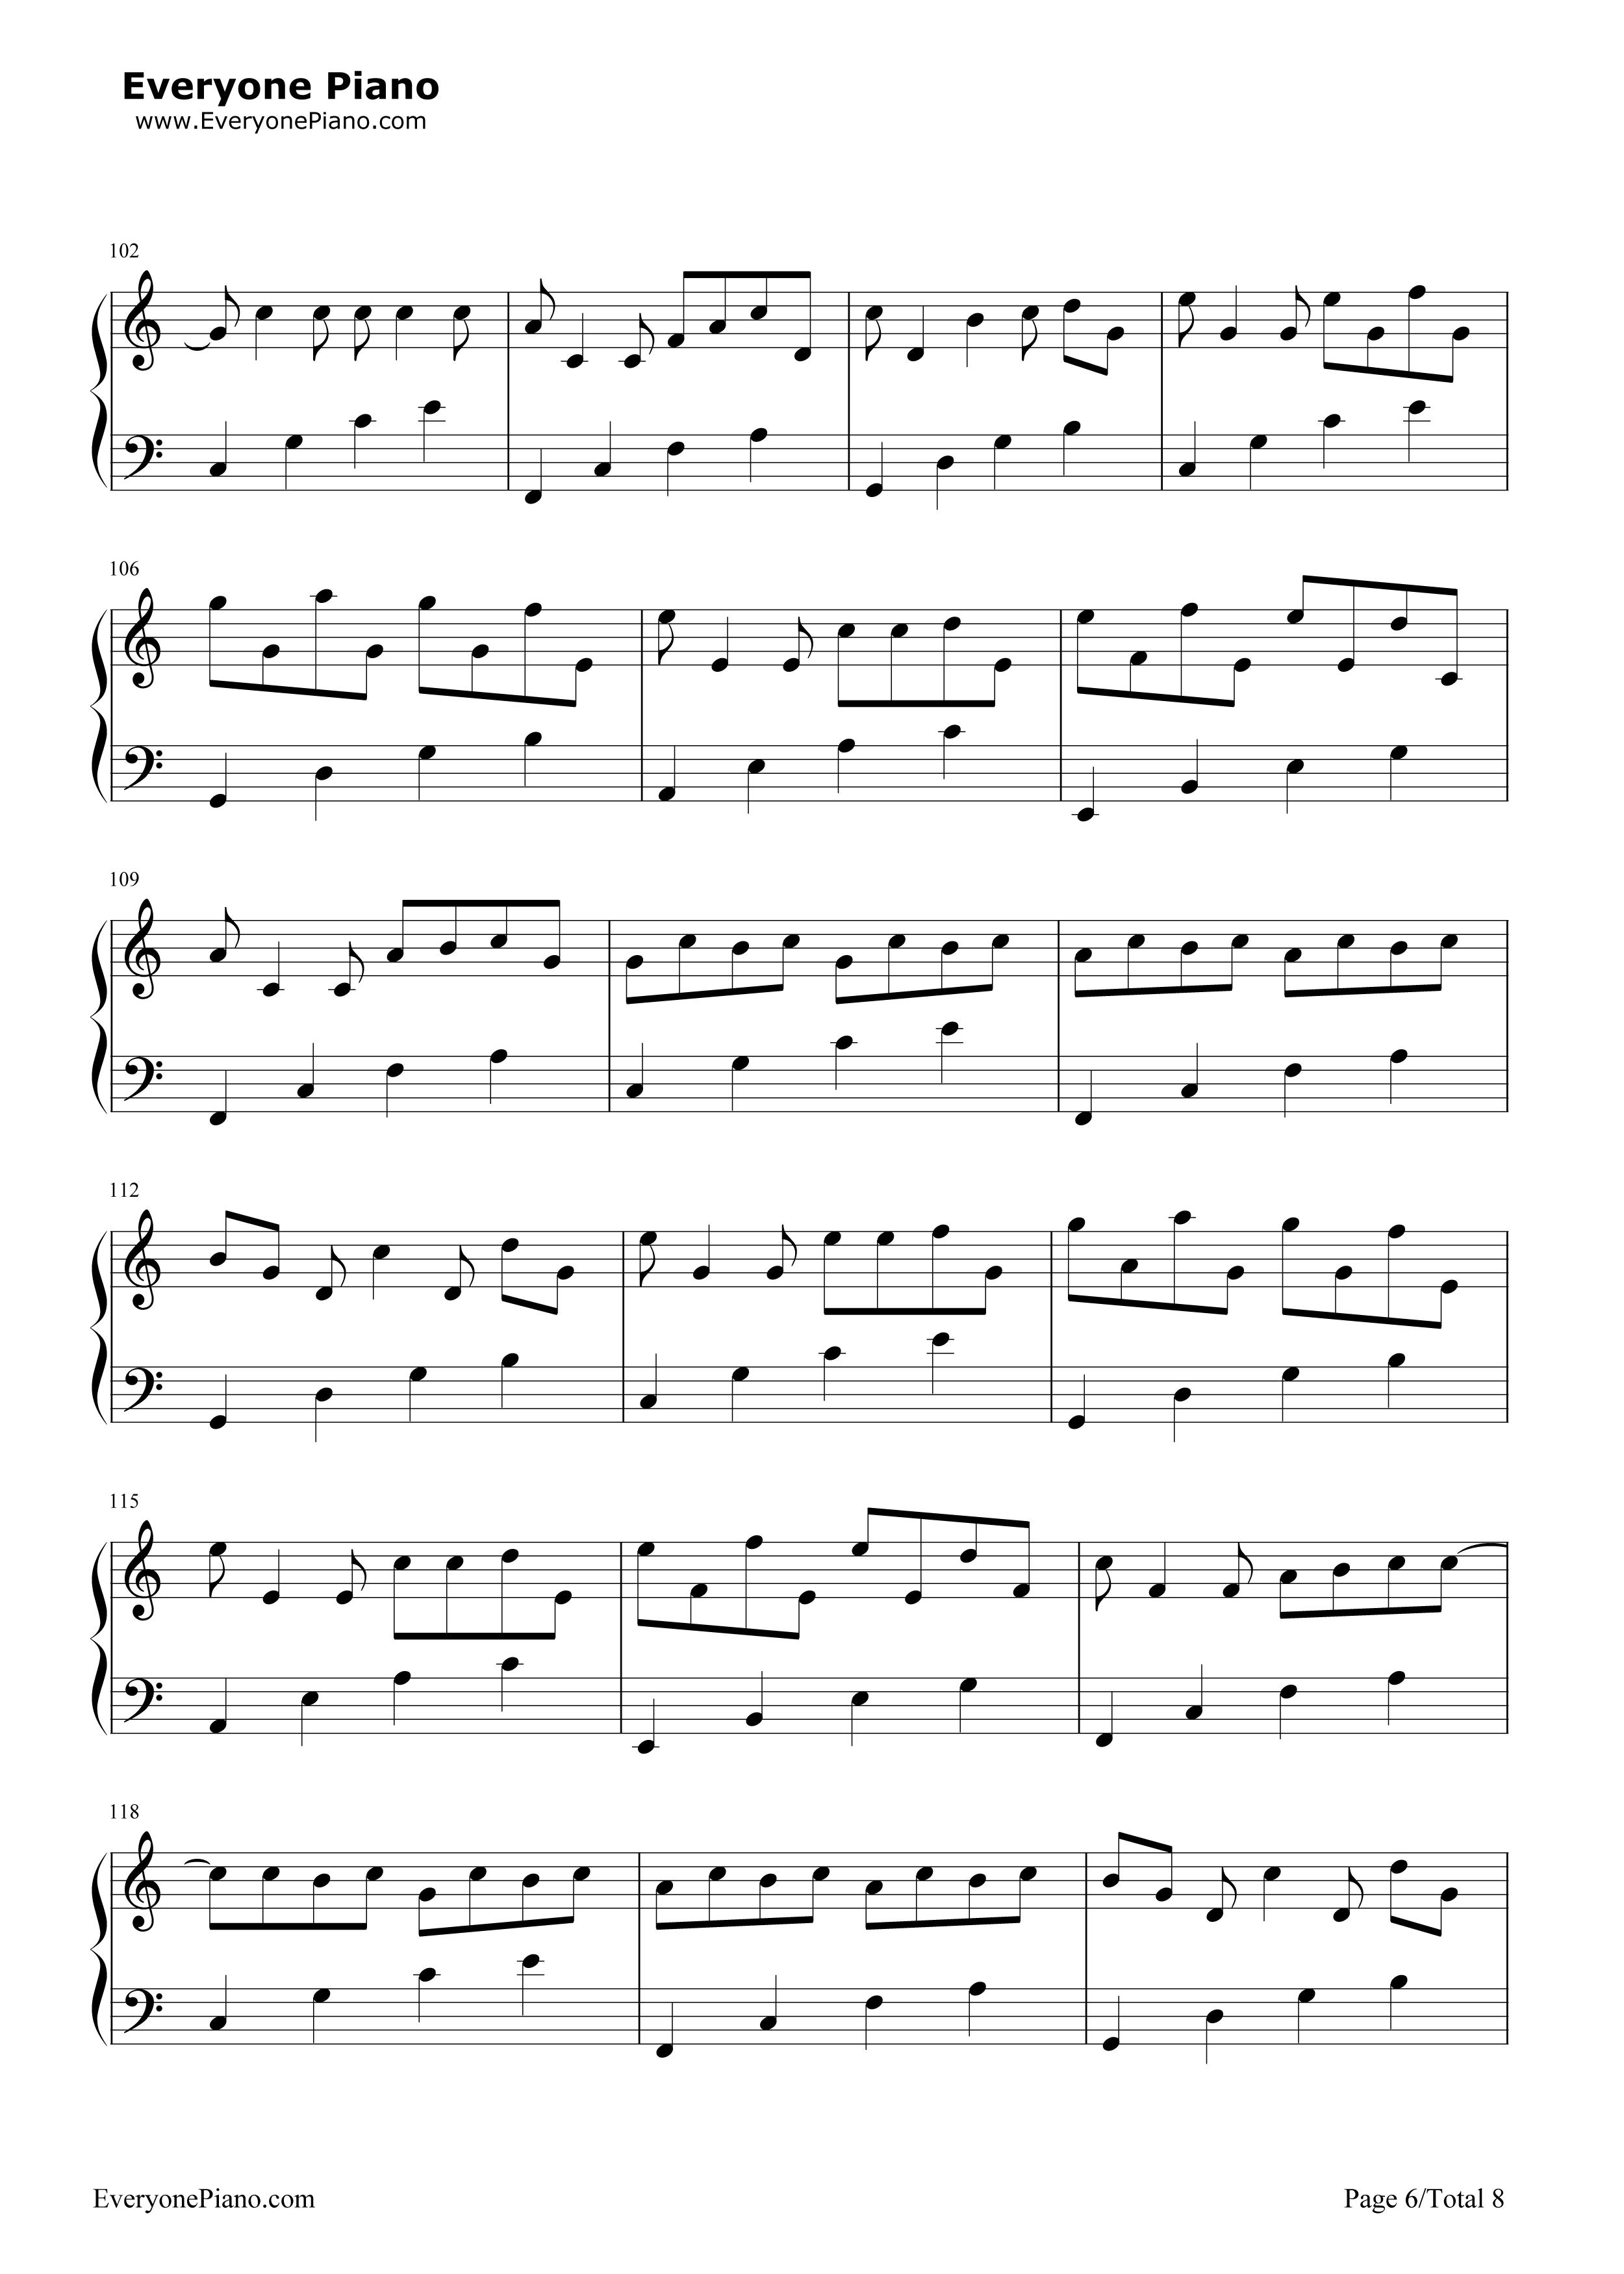 钢琴曲谱 经典 卡农c大调最简版-eop教学曲 卡农c大调最简版-eop教学